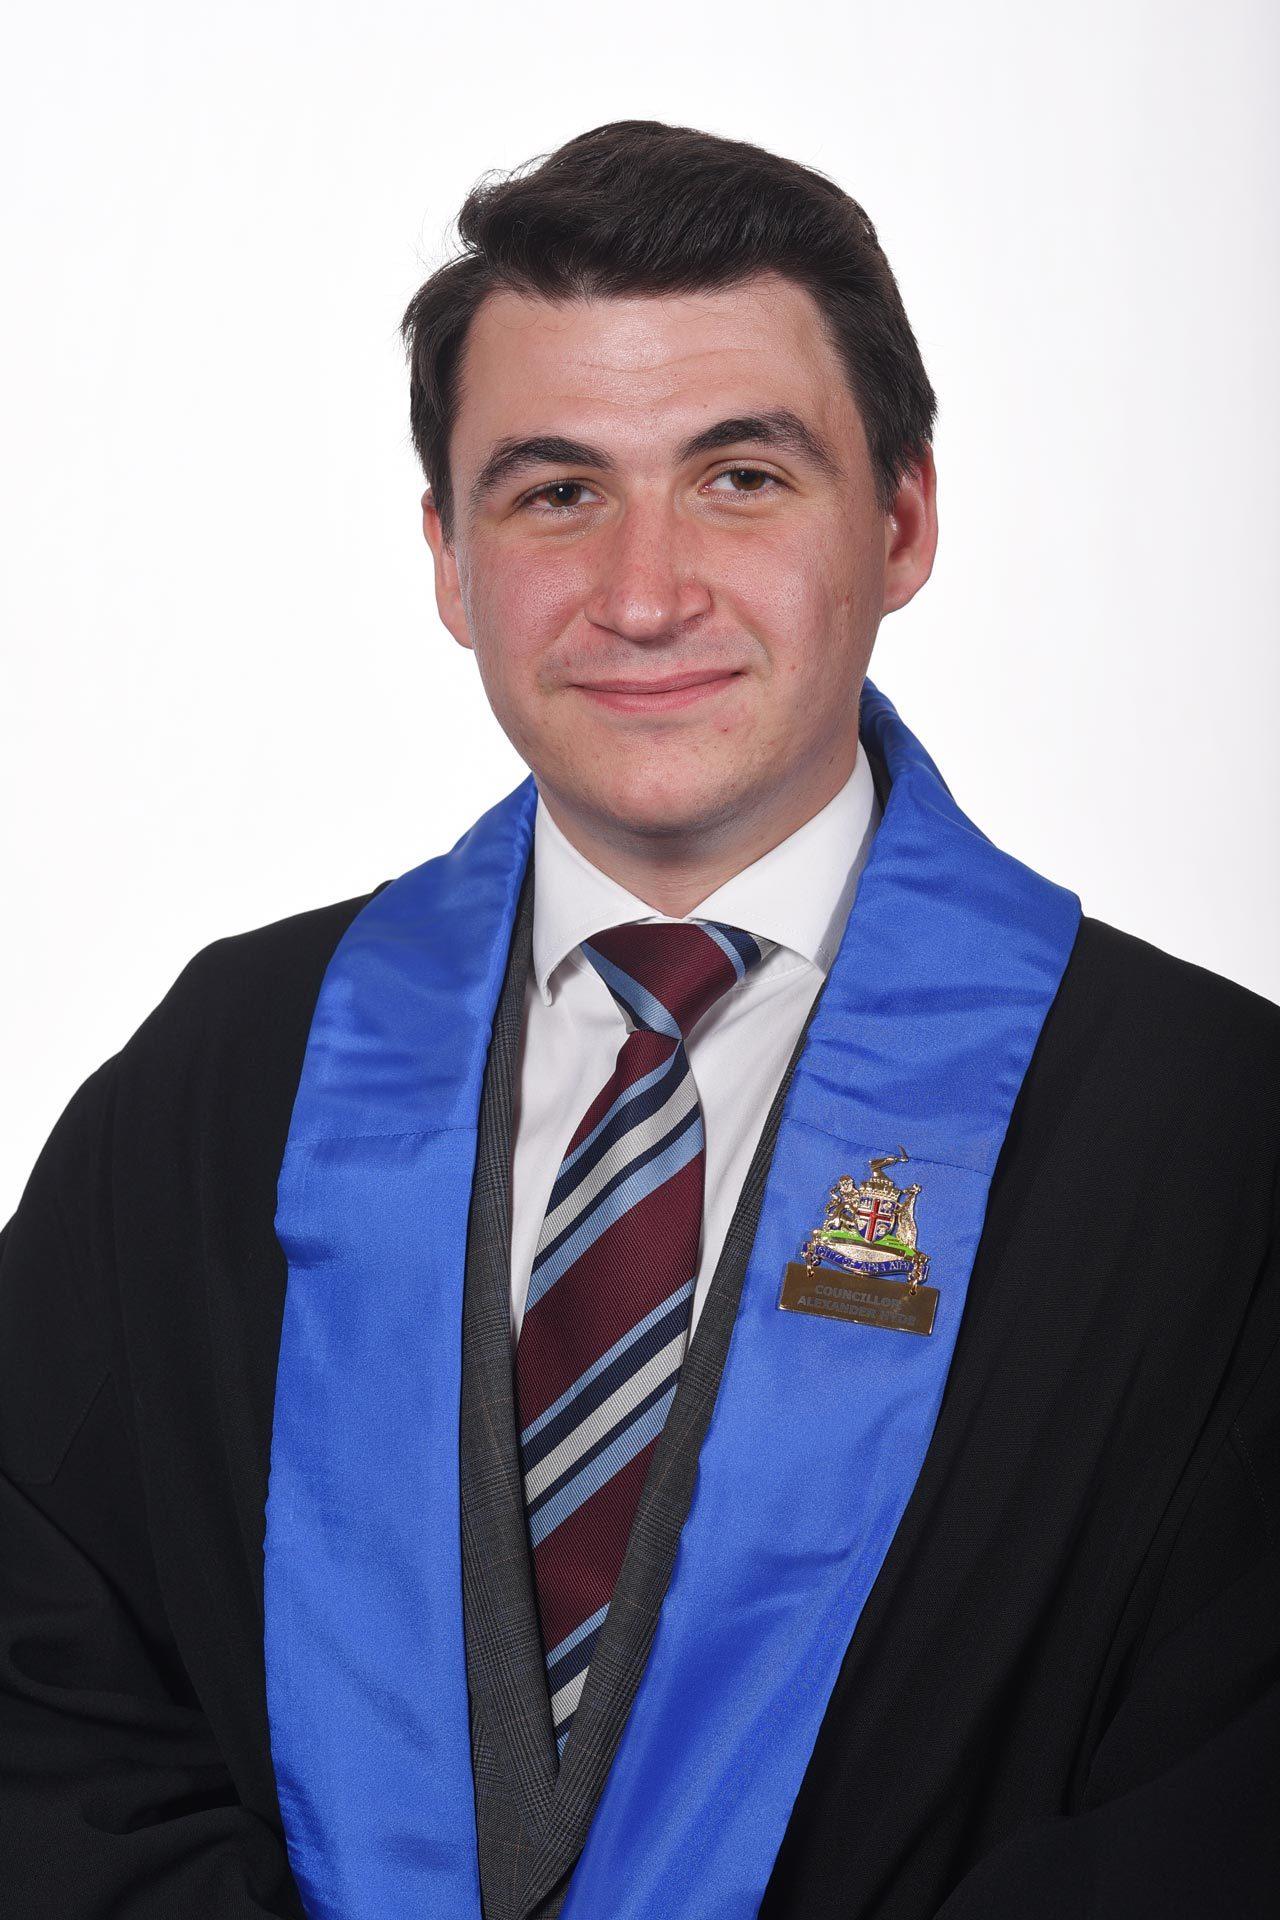 Councillor Alexander Hyde